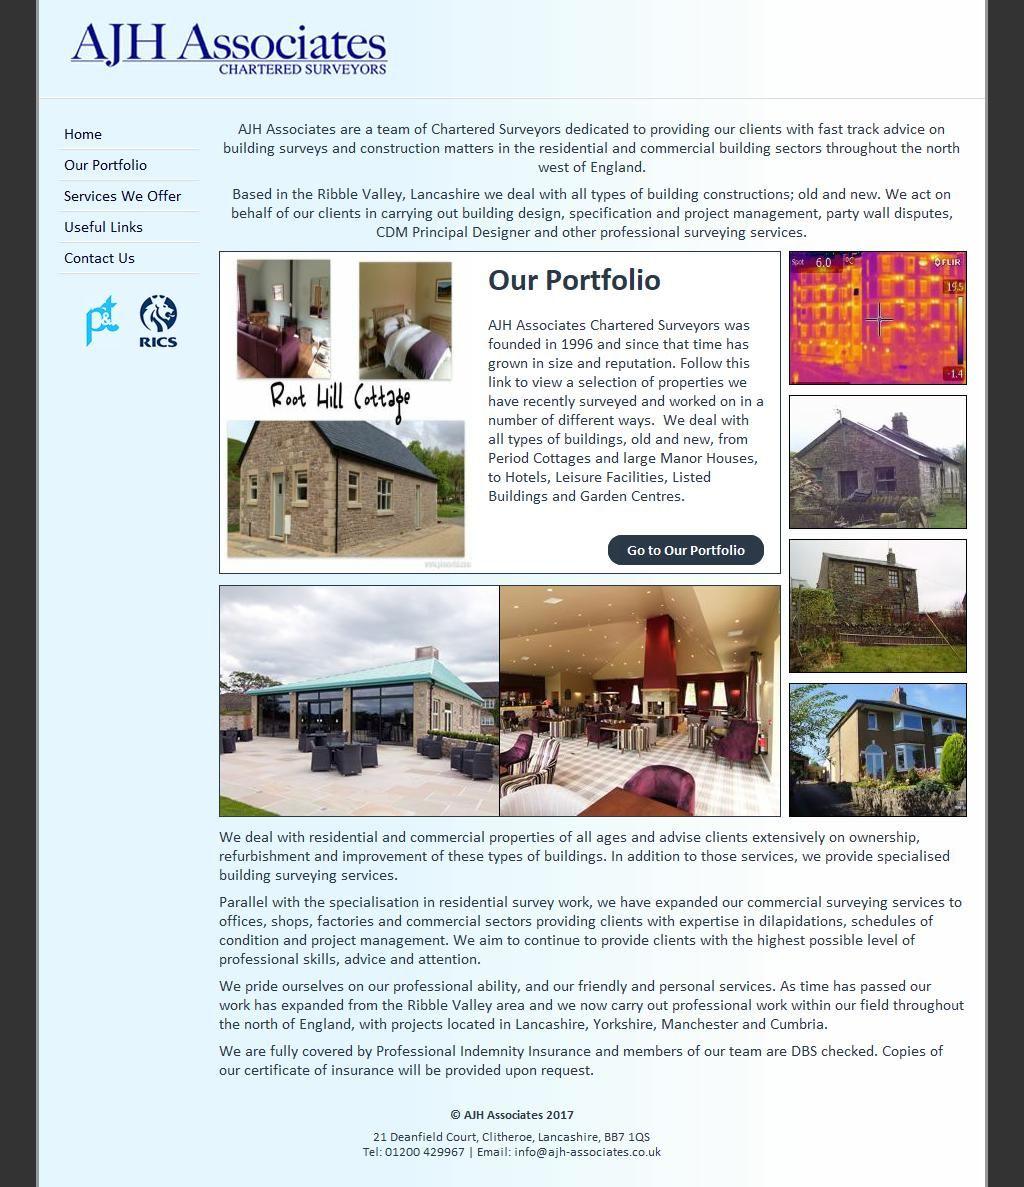 A J H Associates Surveyors Building Unit 21 Dean Field Court Link 59 Business Pk Clitheroe Lancashire Bb7 1qs To Get More Lancashire The Unit West Region